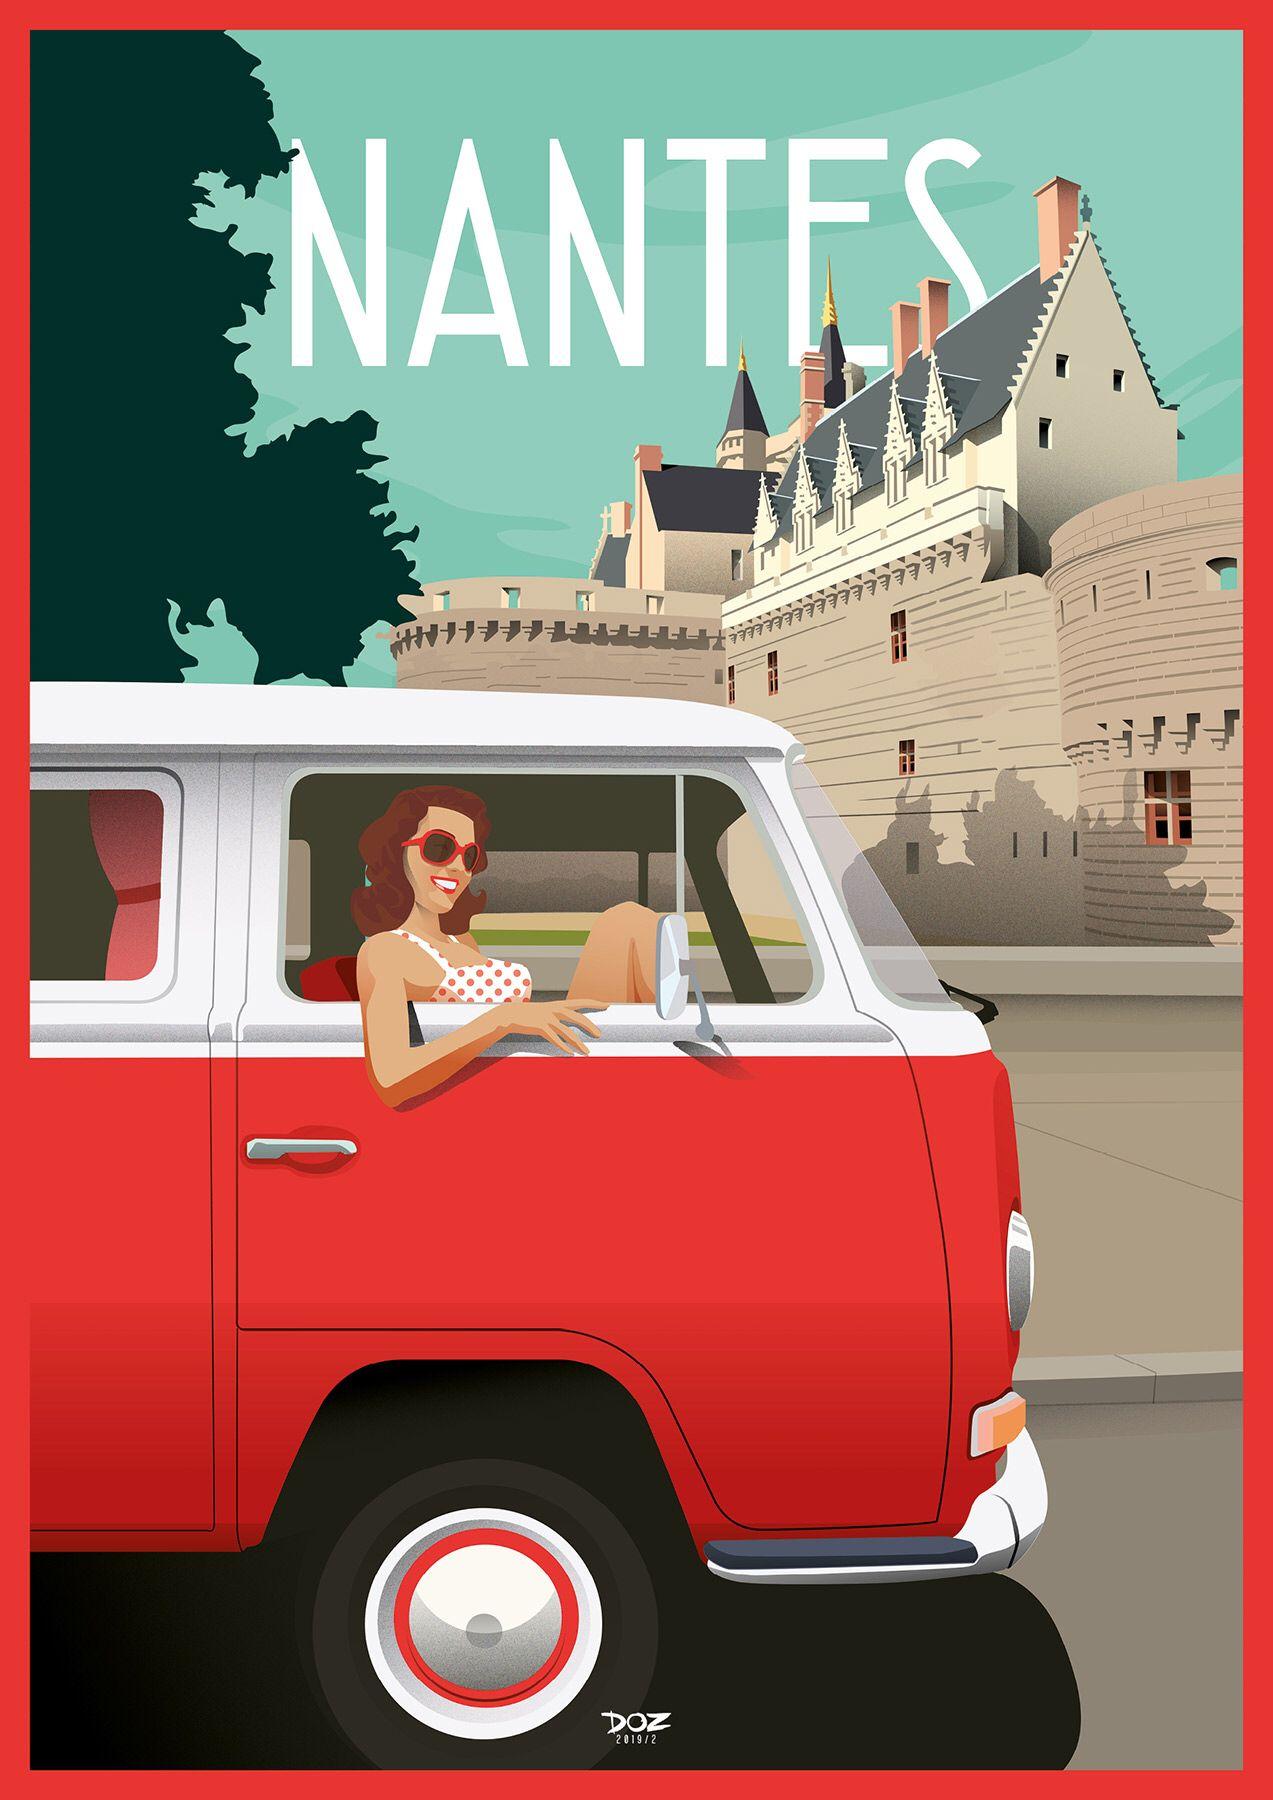 Doz Affiches Vintage Nantes Affiche Vintage Affiches De Voyage Retro Nantes